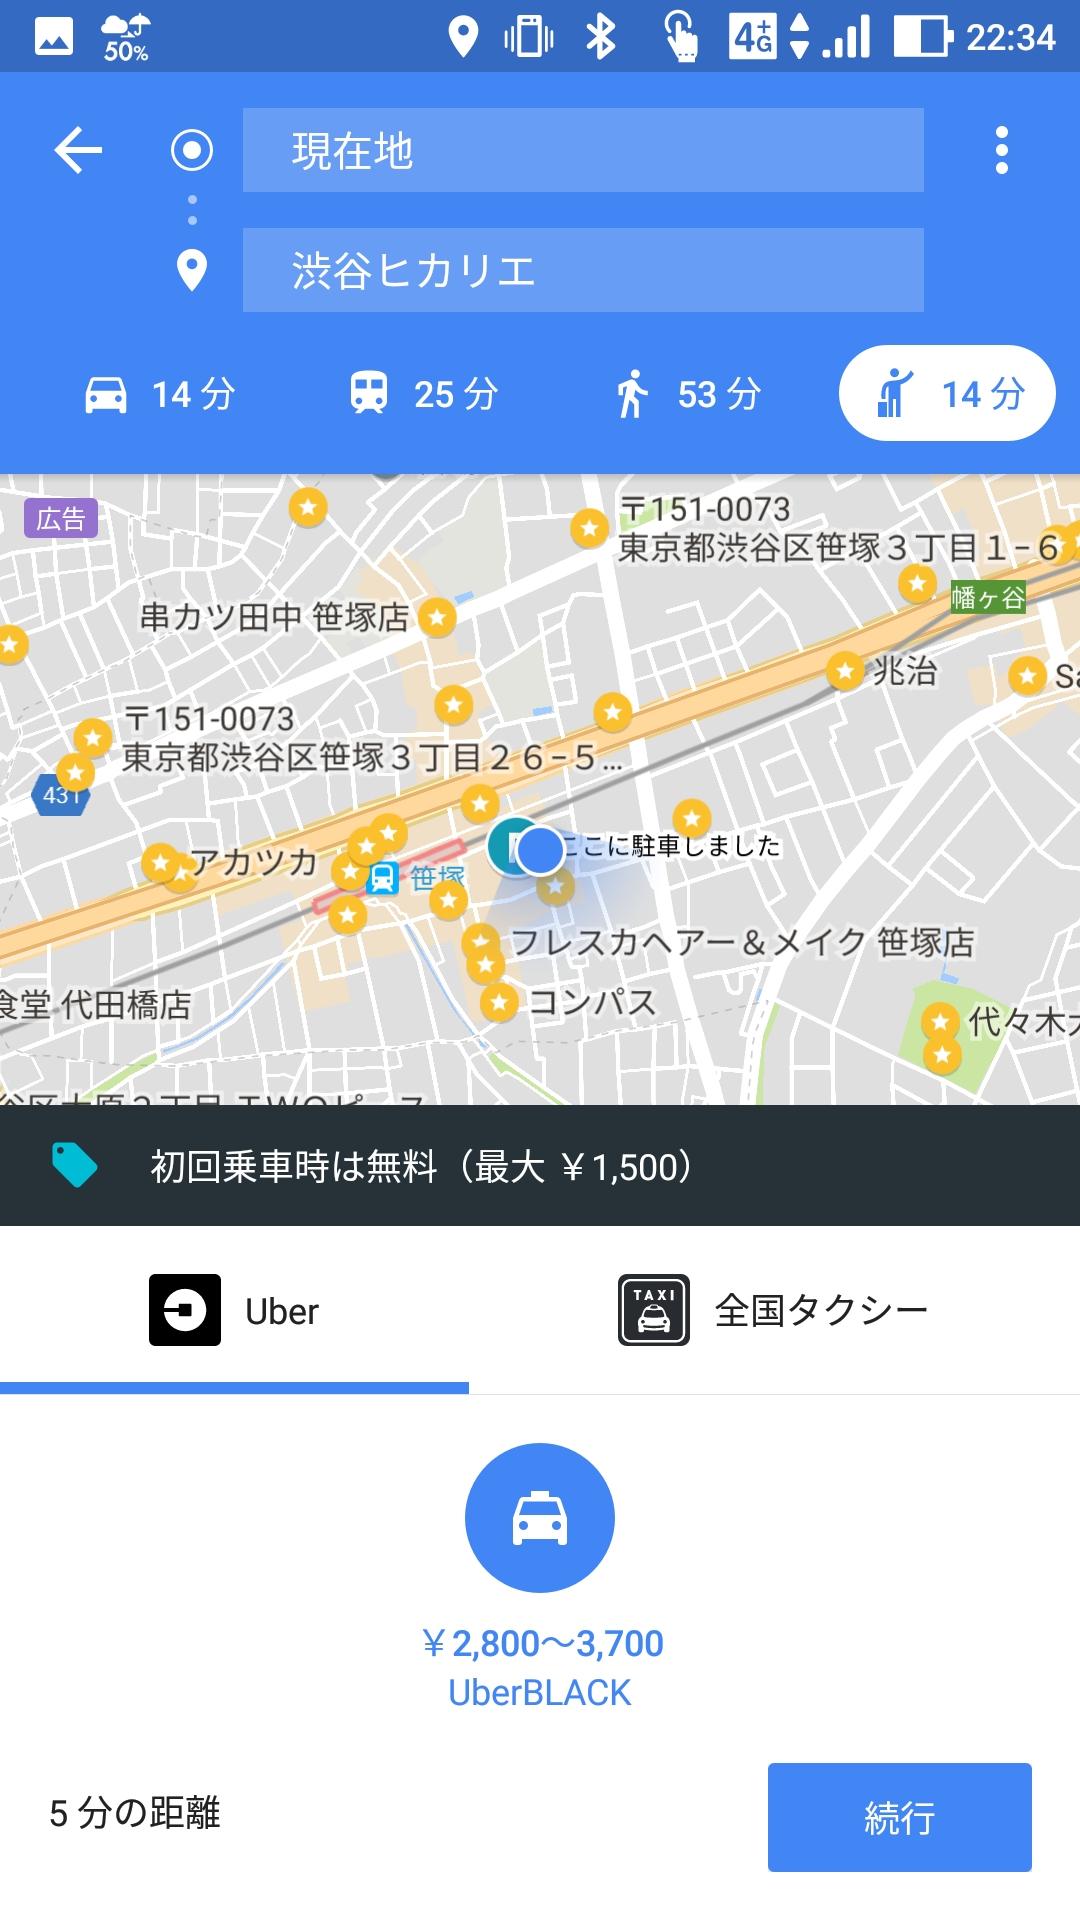 アプリから直接タクシーも手配できます